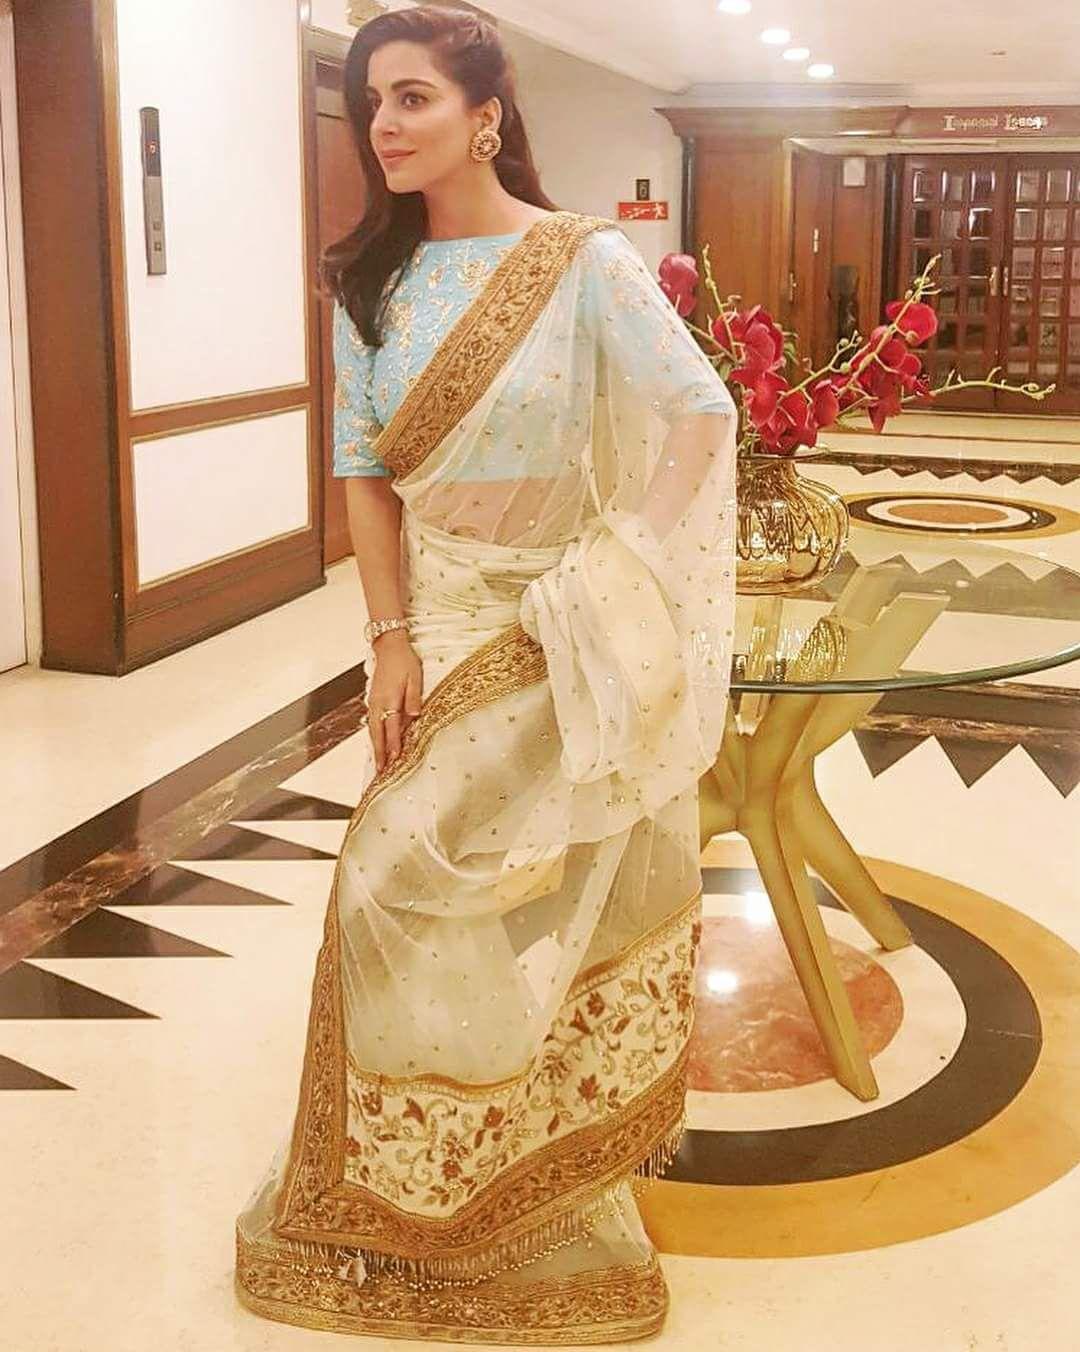 Shrishti's Outfit: